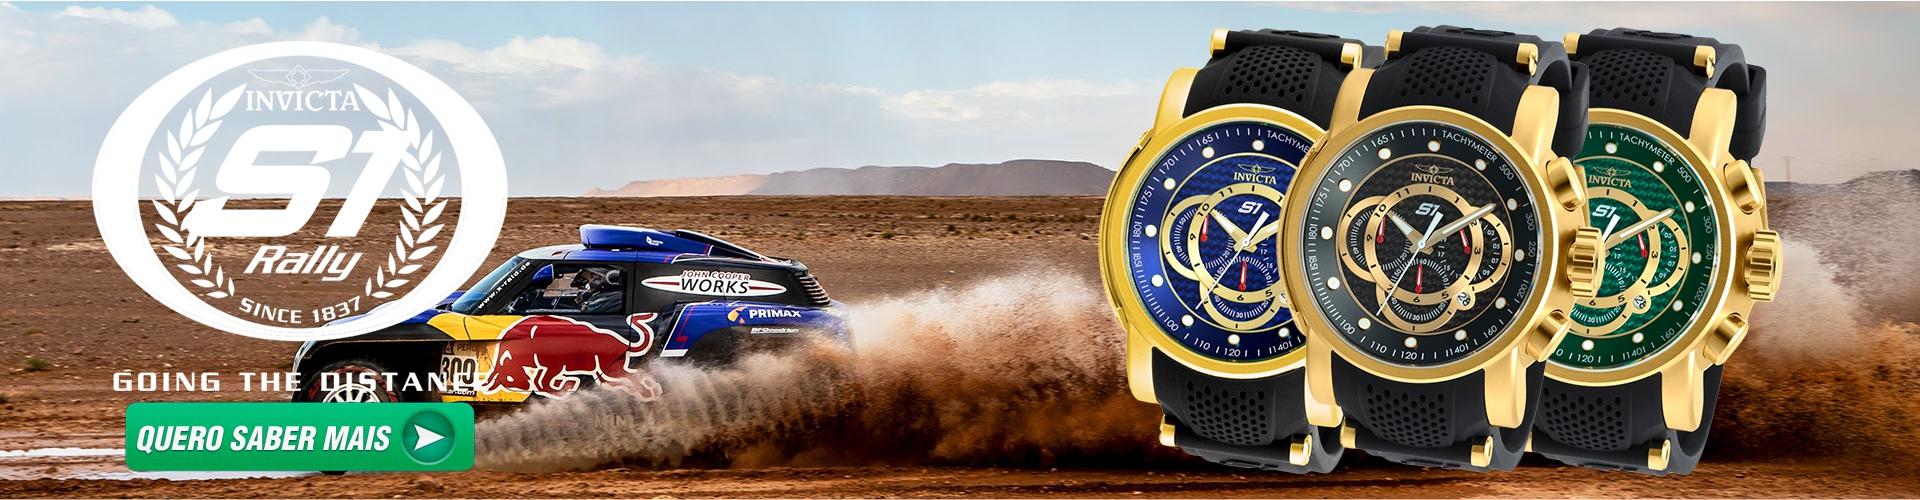 Invicta S1 Rally